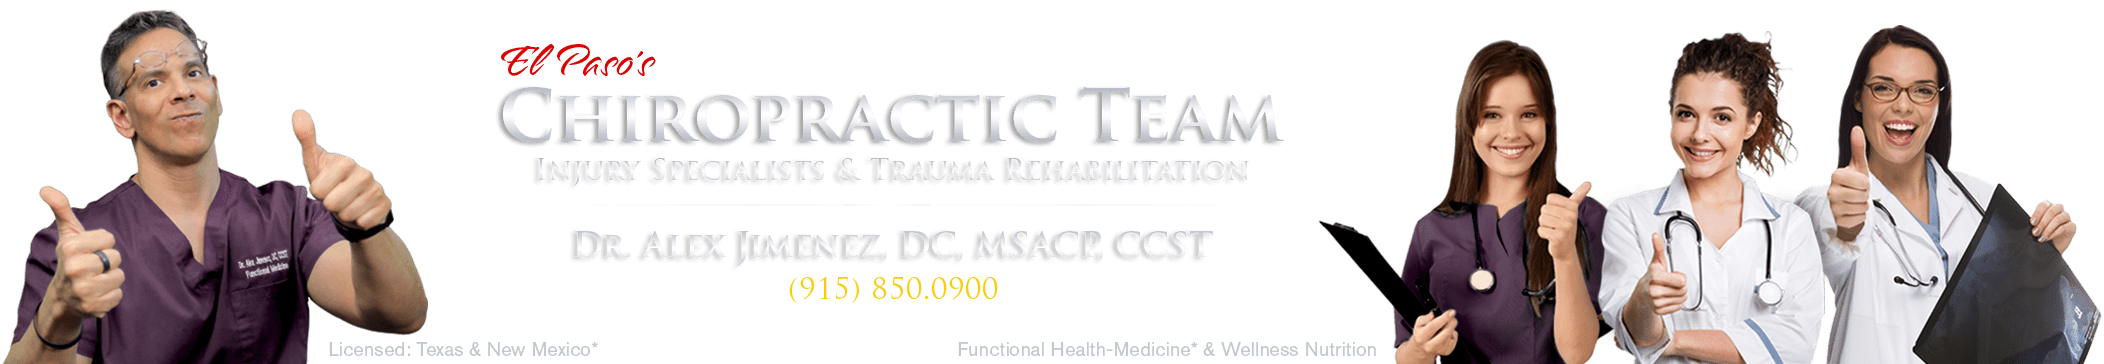 Klinik Chiropractic Premier El Paso 915-850-0900